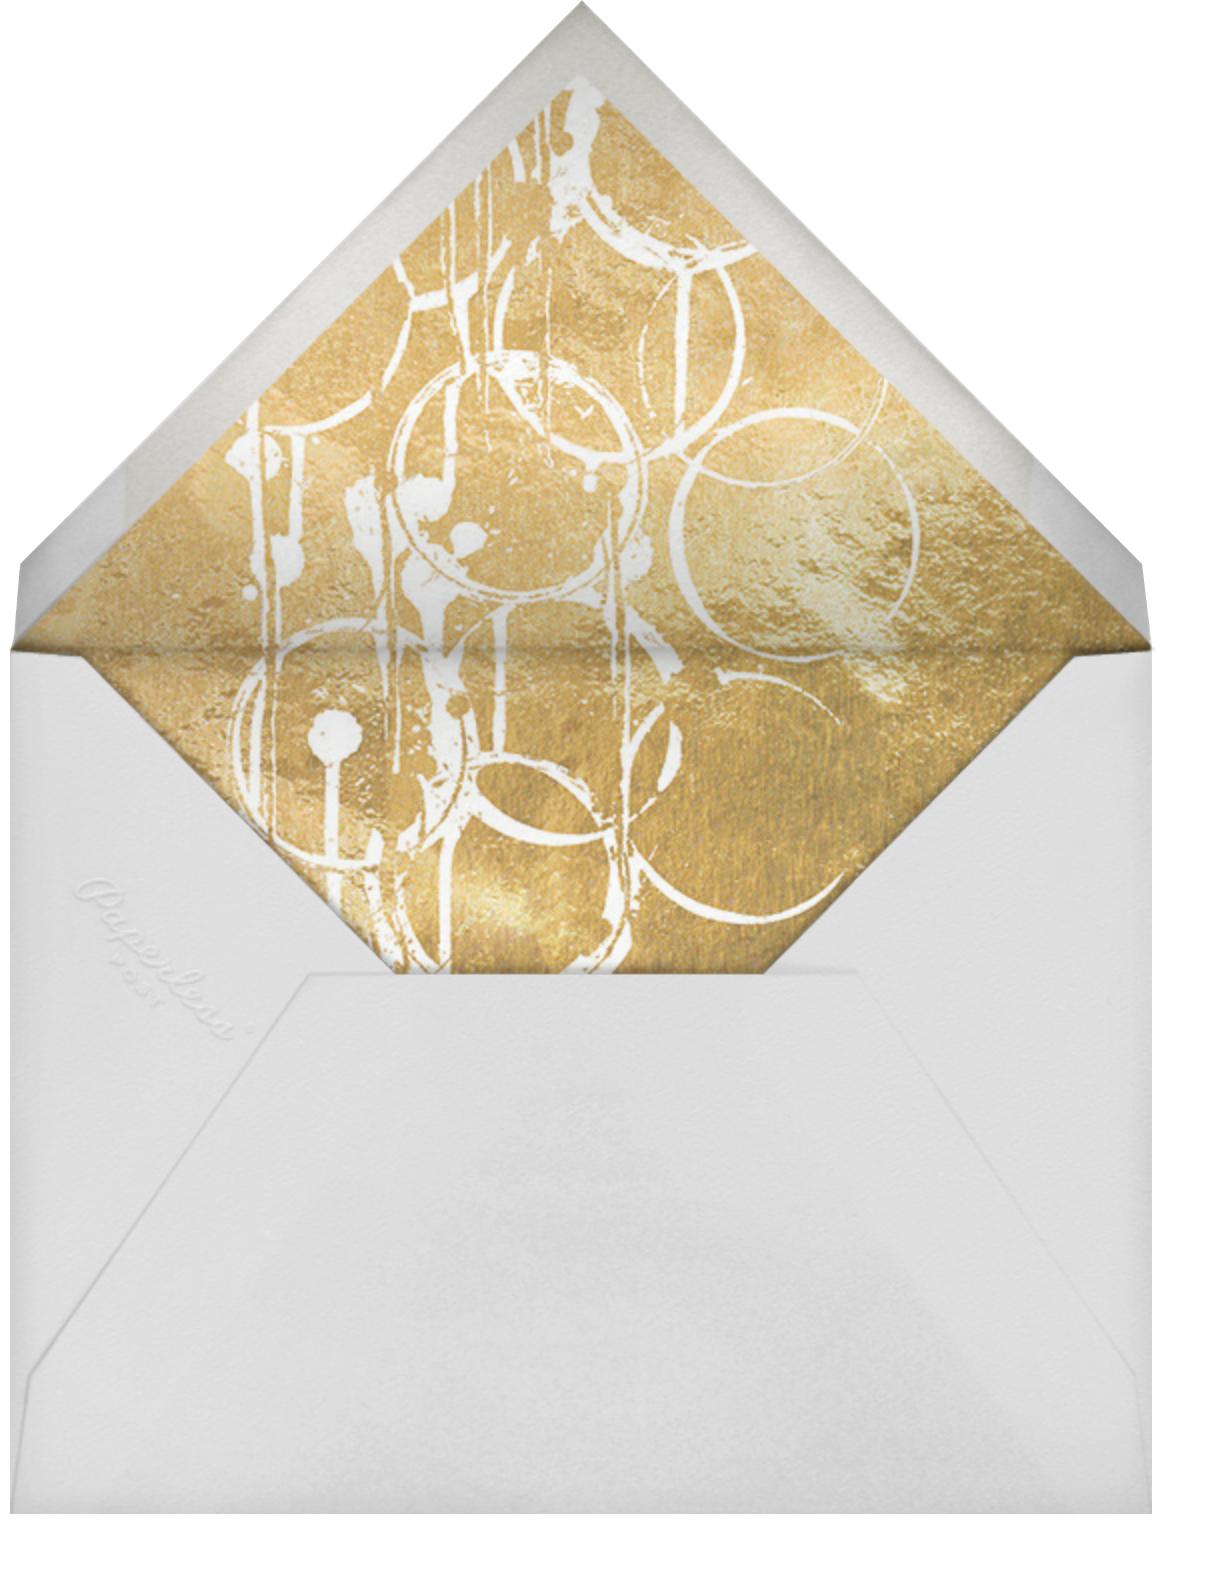 Bottle Shock - Gold - Kelly Wearstler - Designs we love - envelope back